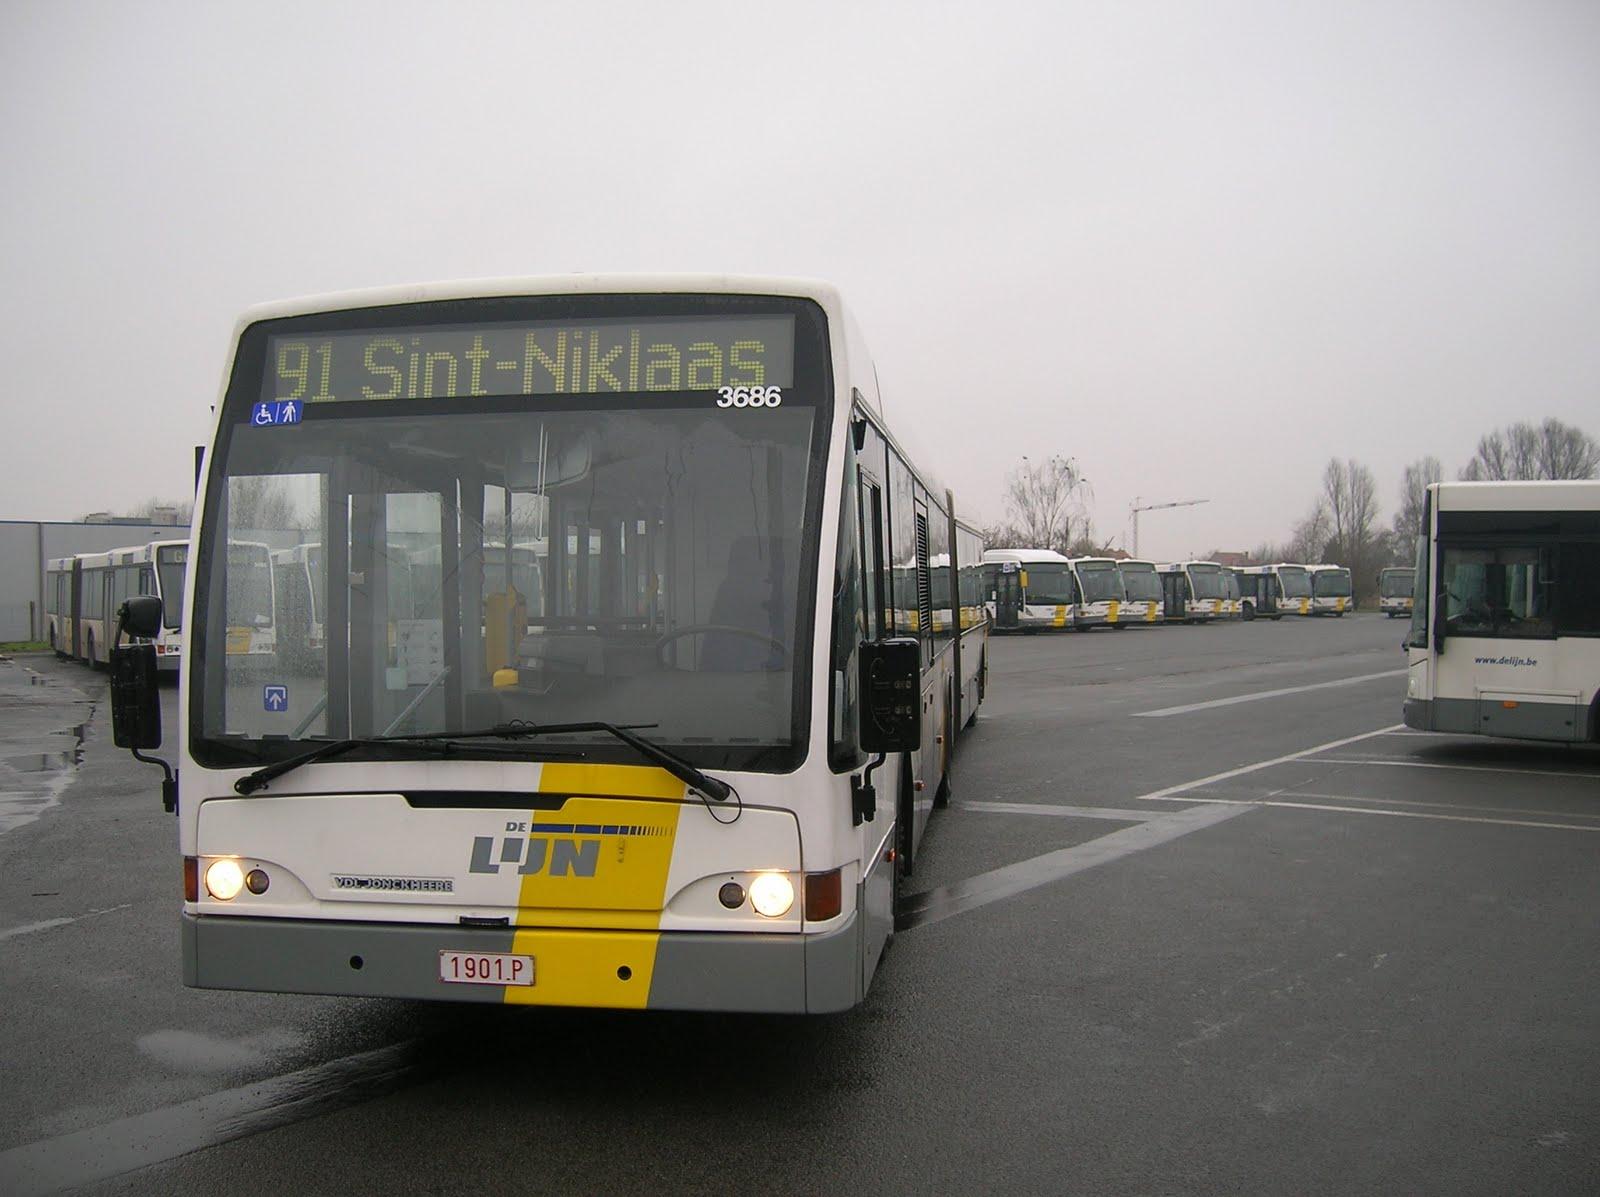 dagelijkse bussen van een lijnchauffeur vrijdag 25 feb coup. Black Bedroom Furniture Sets. Home Design Ideas